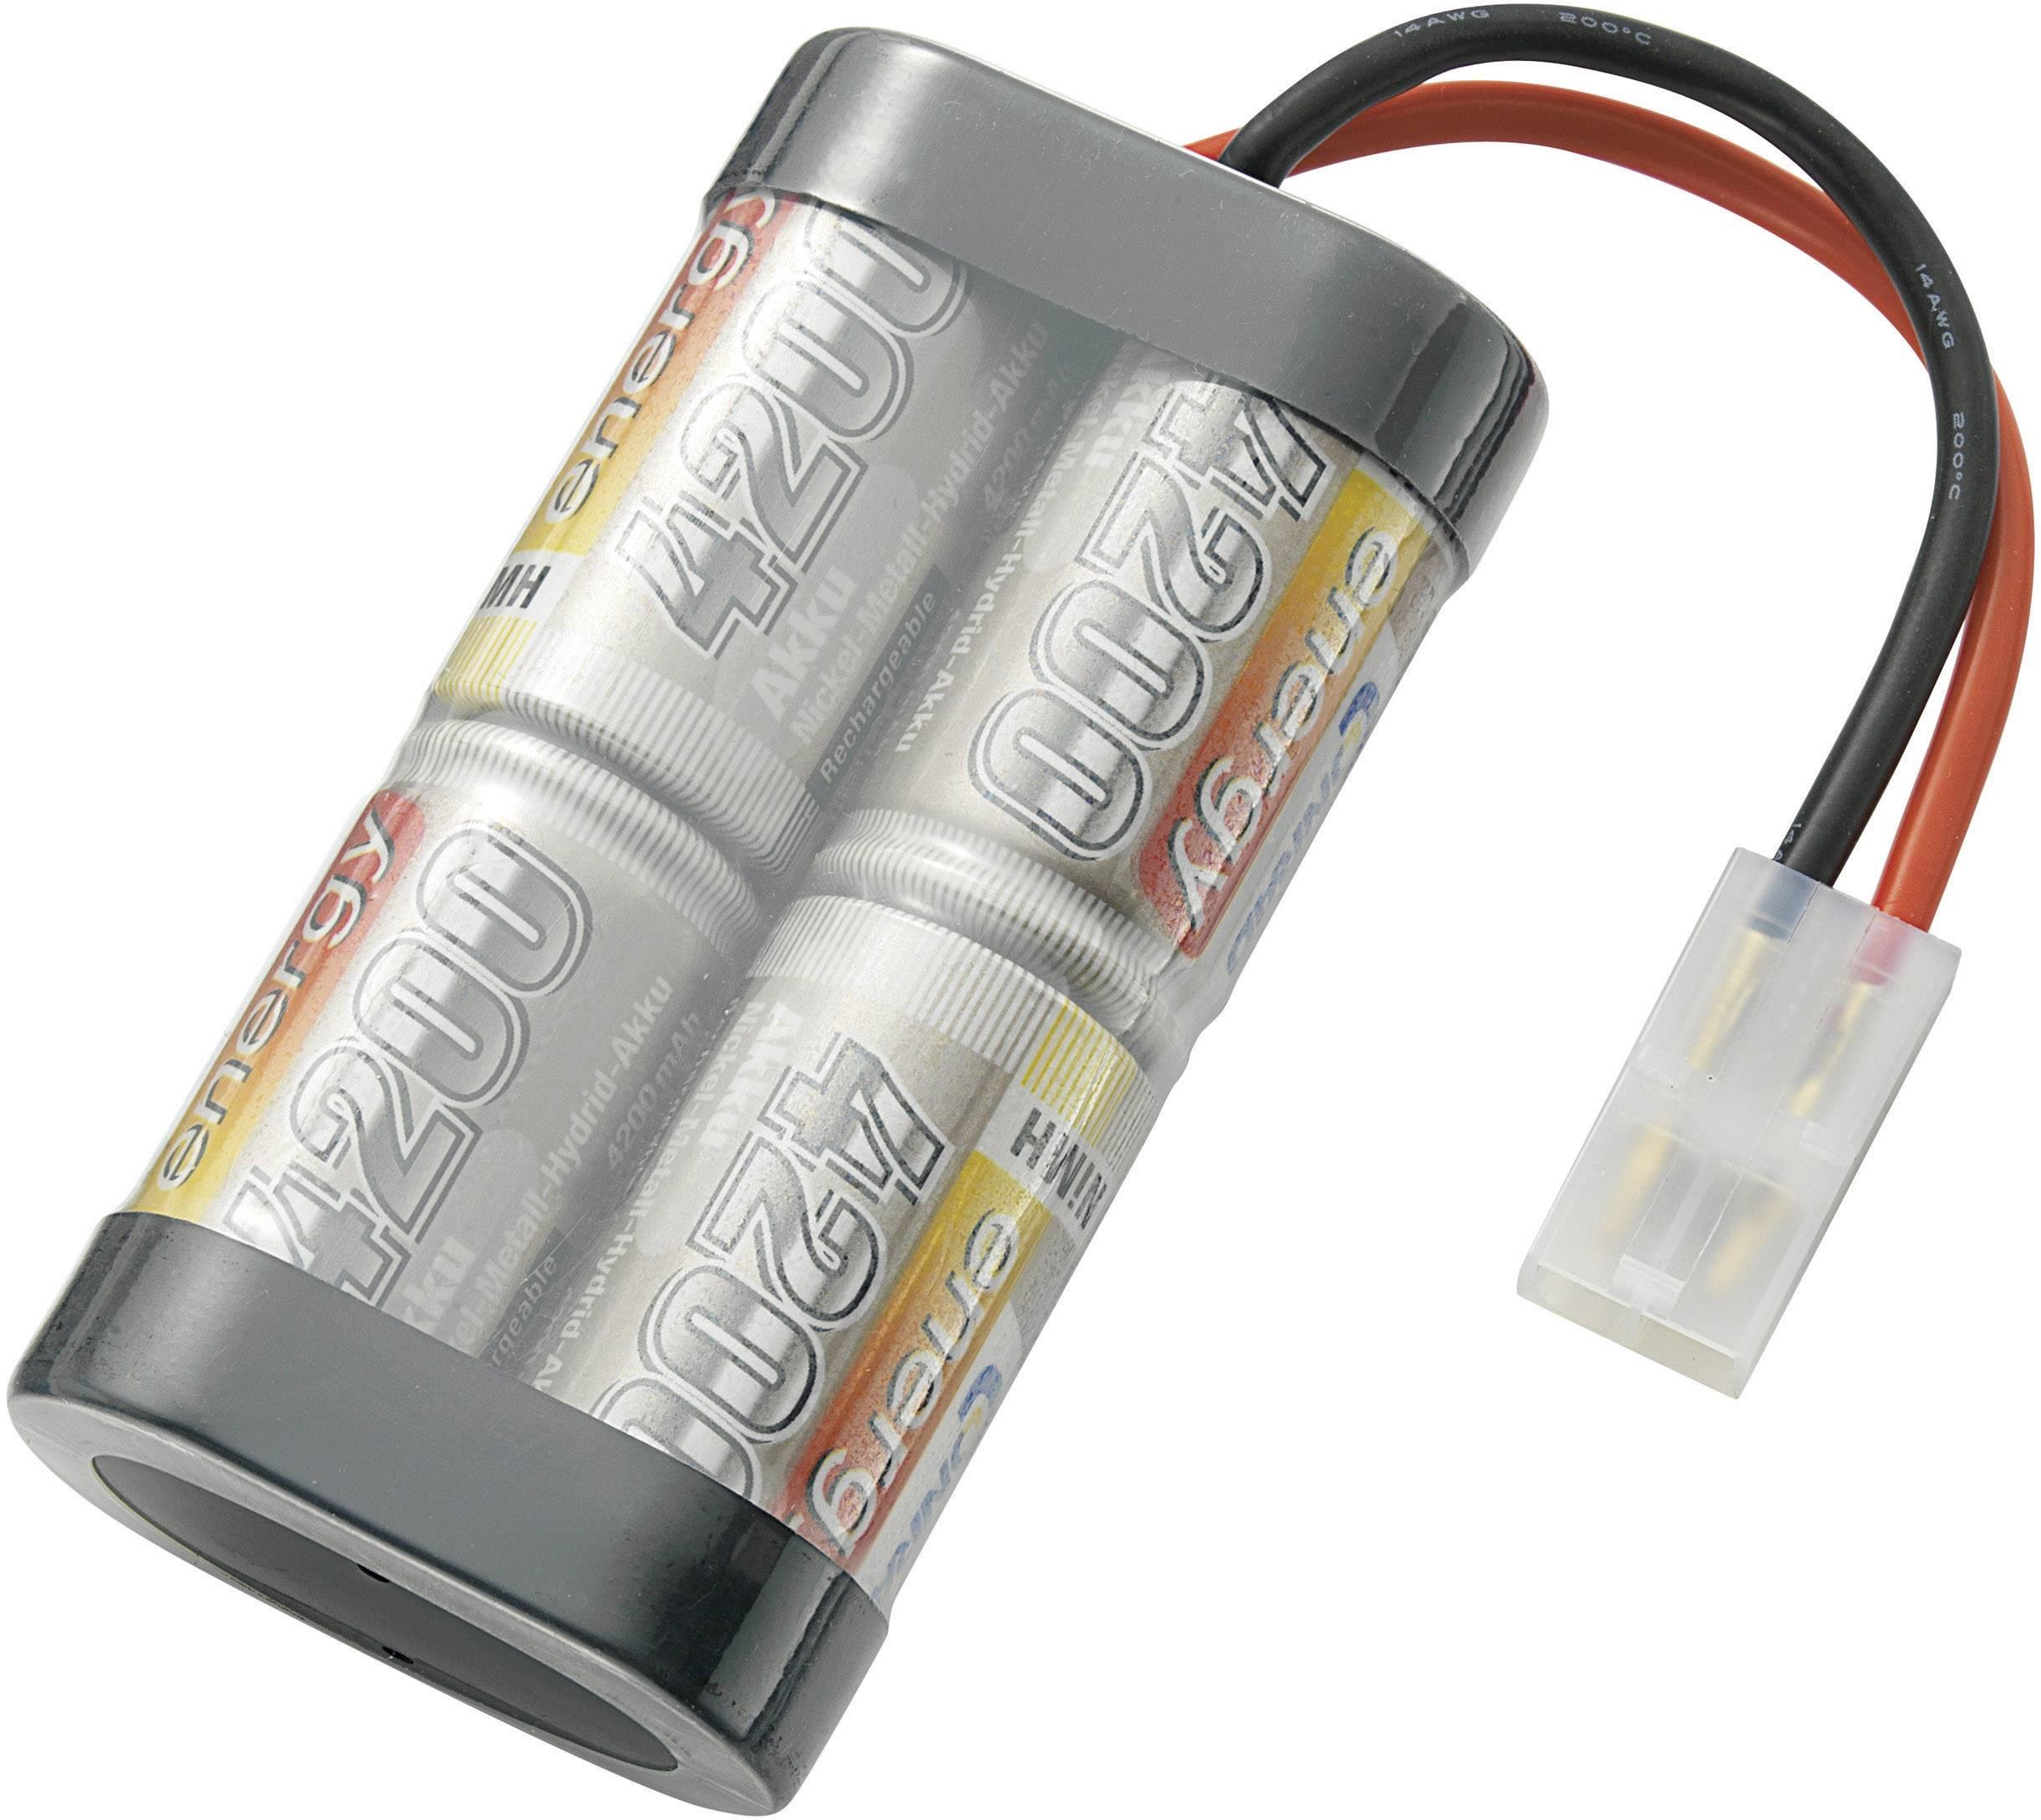 Akupack NiMH Conrad energy SC 4200MAH 4.8V, 4.8 V, 4200 mAh